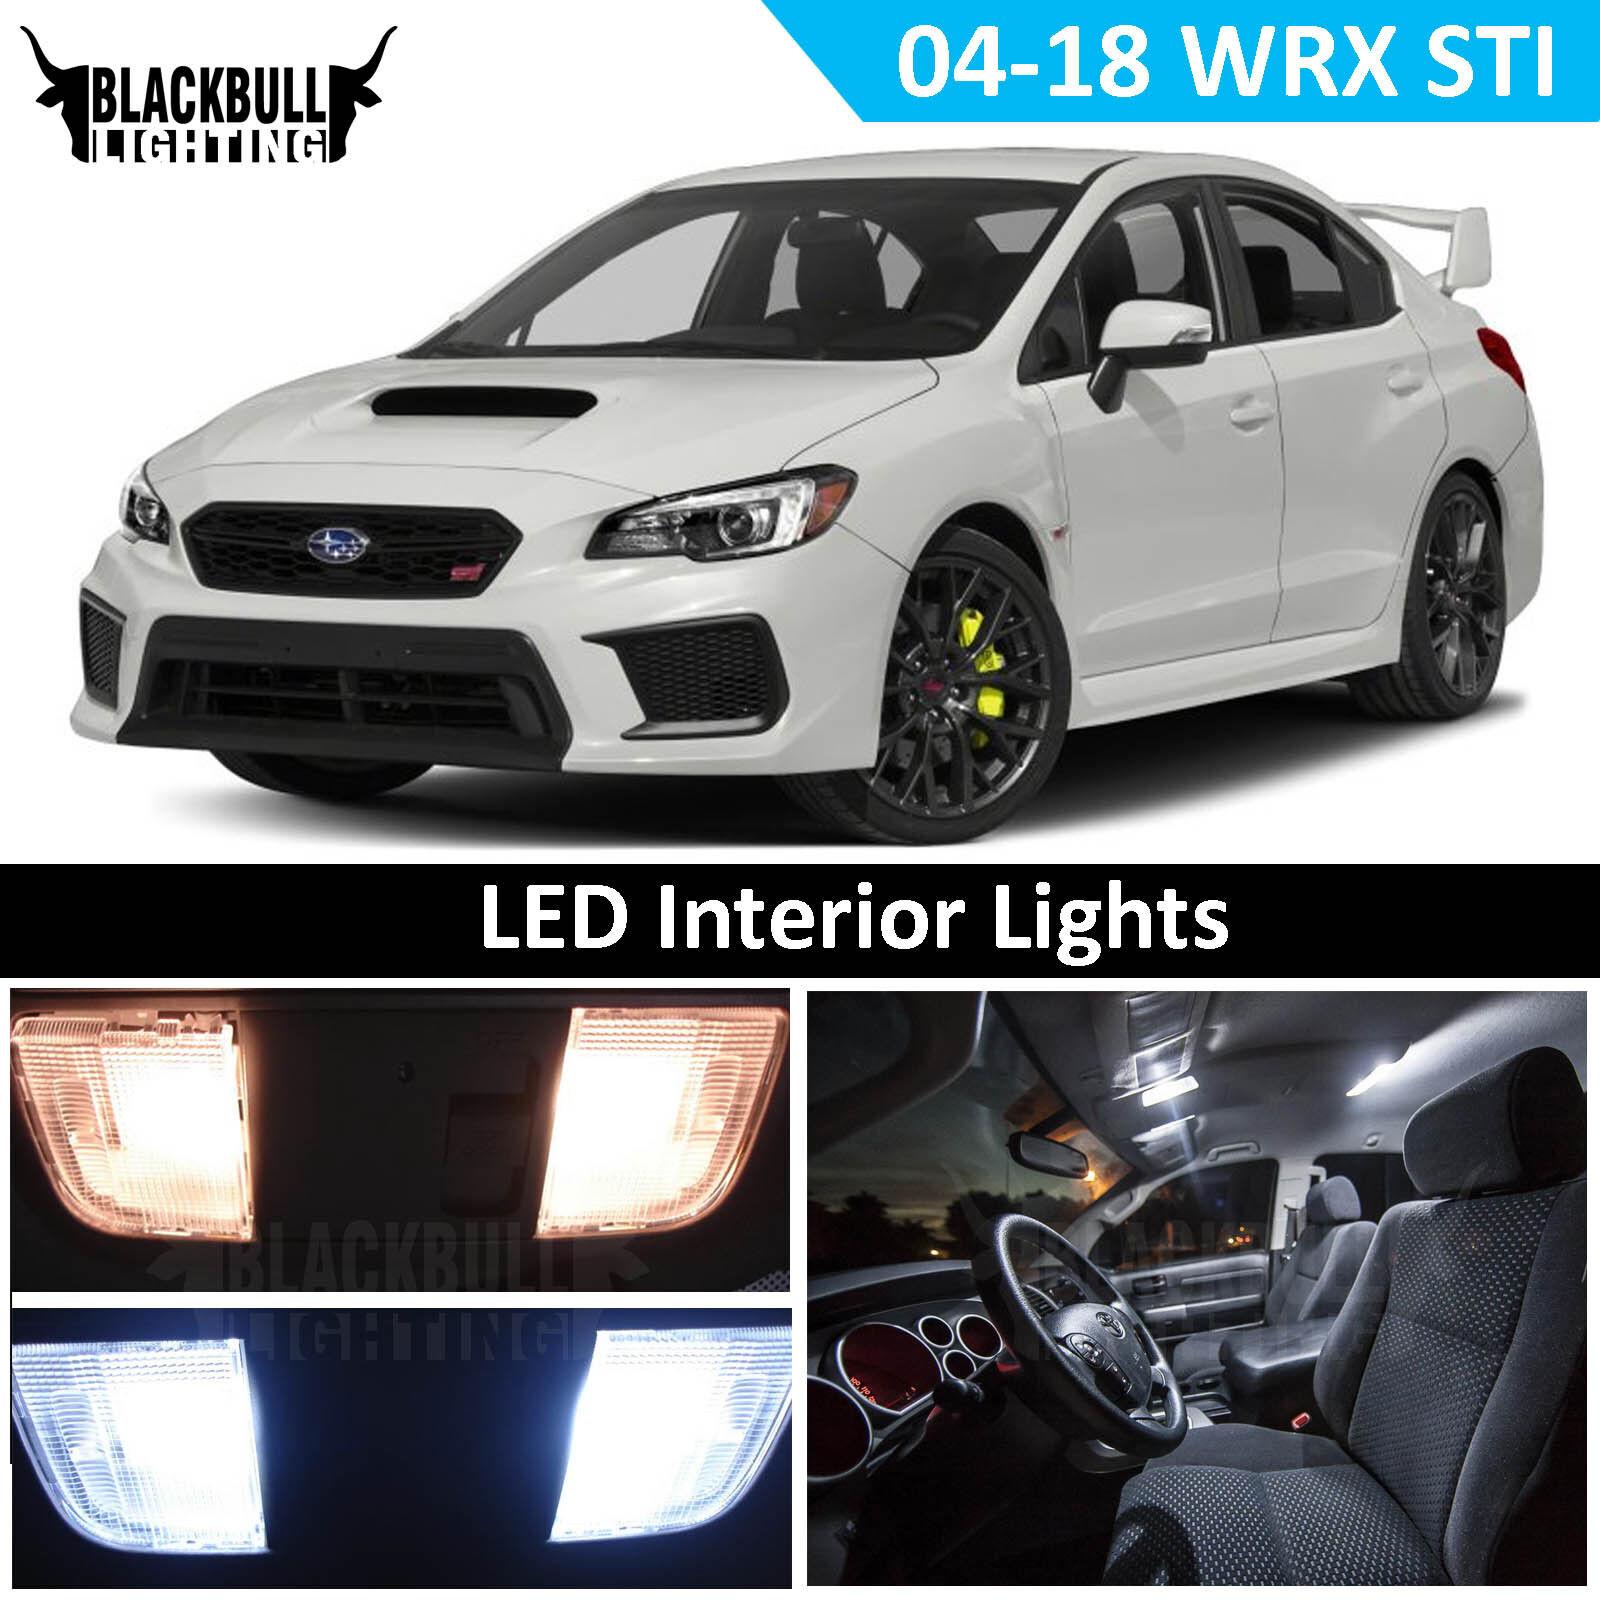 Details About White Led Interior Reverse Light Kit For 2004 2017 Subaru Wrx Sti 8 Bulbs